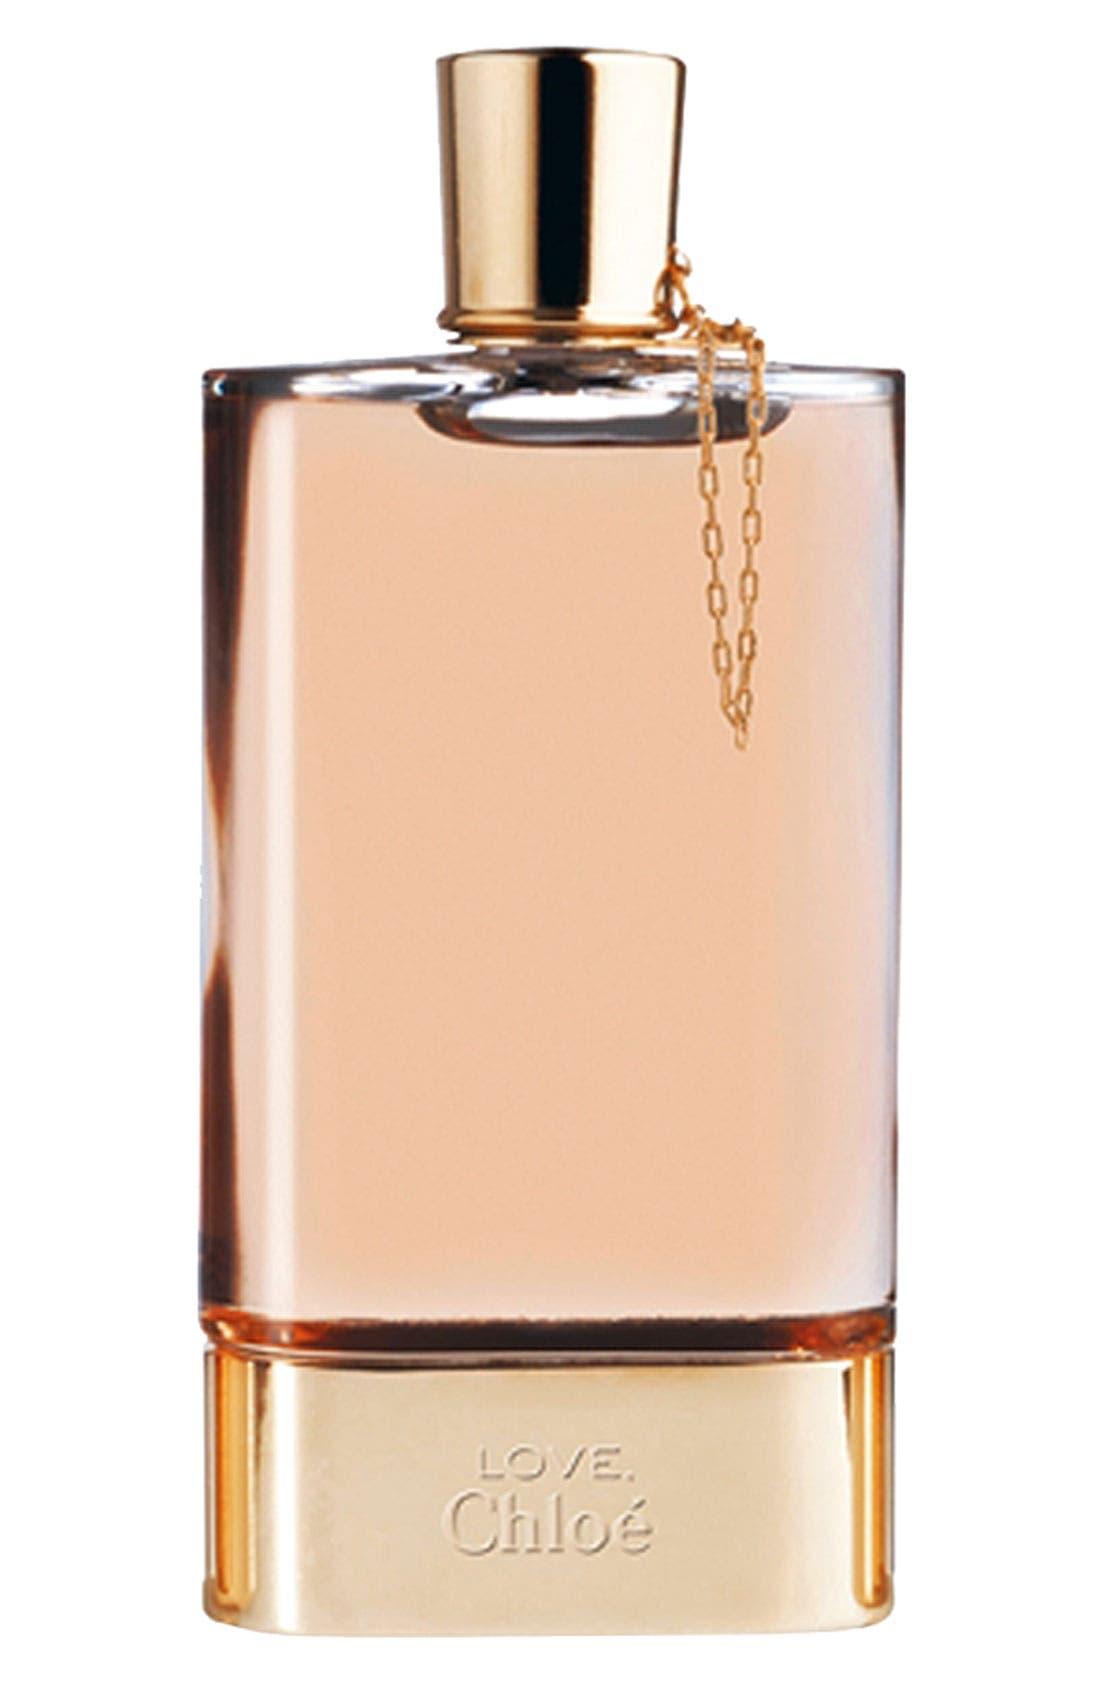 'Love, Chloé' Eau de Parfum Spray,                             Main thumbnail 1, color,